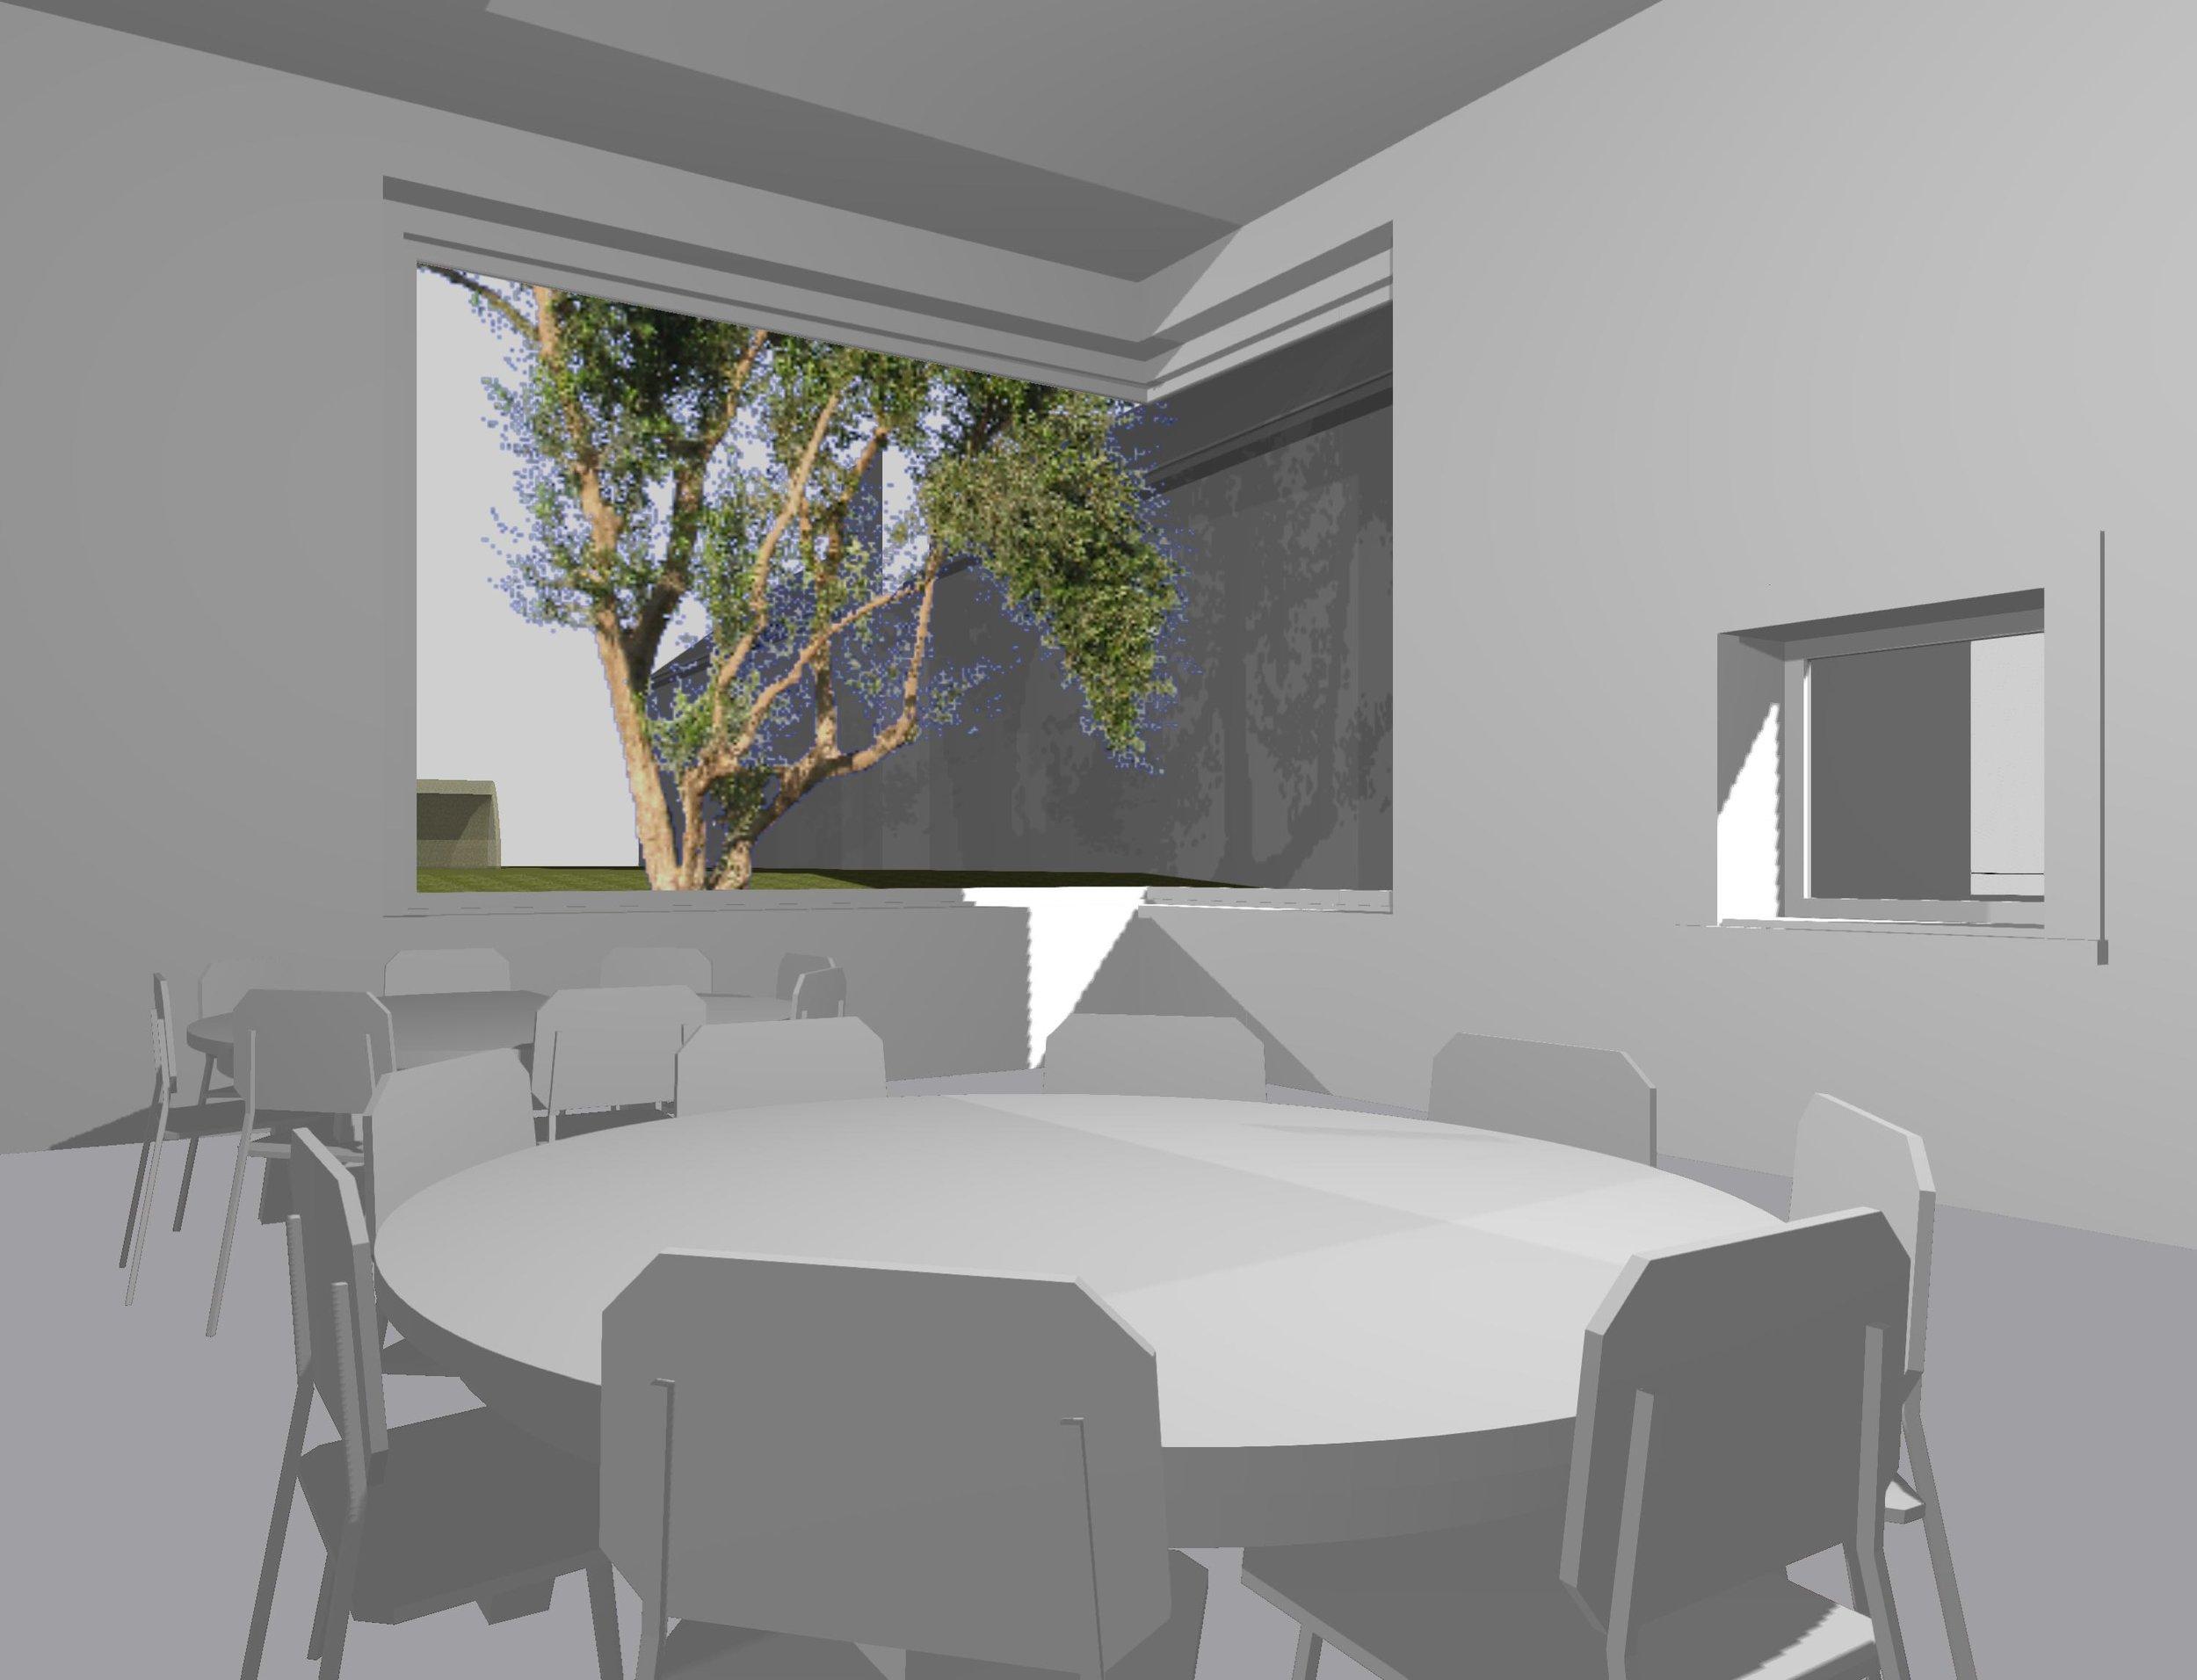 BARD NURSERY SCHOOL new classroom interior v1.jpg